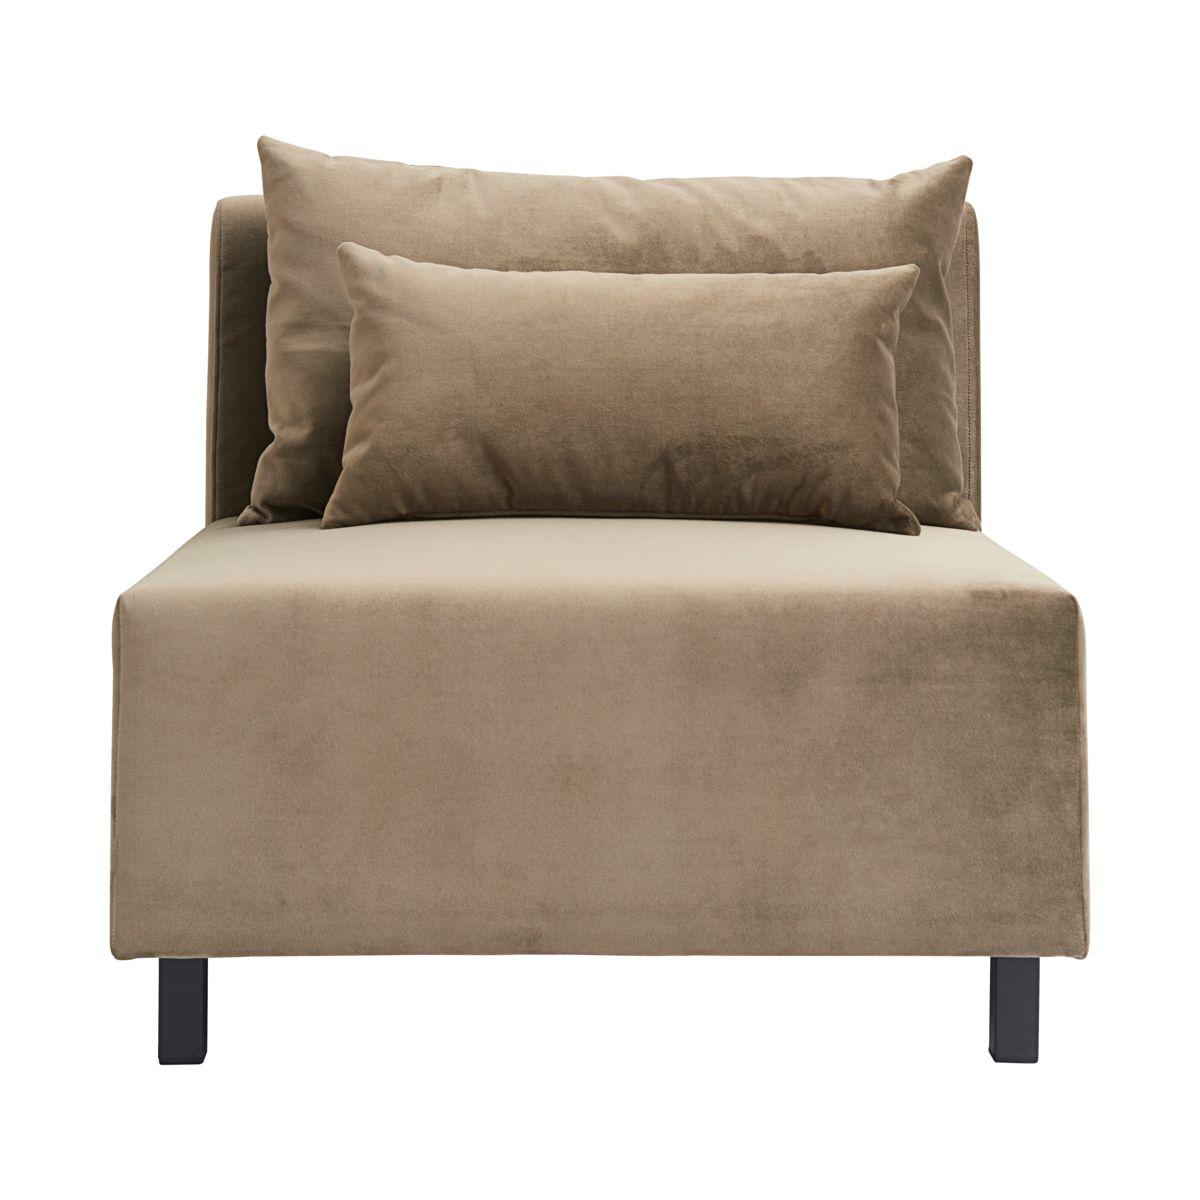 HOUSE DOCTOR sofa modul - sandfarvet stof/velour m. sorte ben, midterdel (85x85)